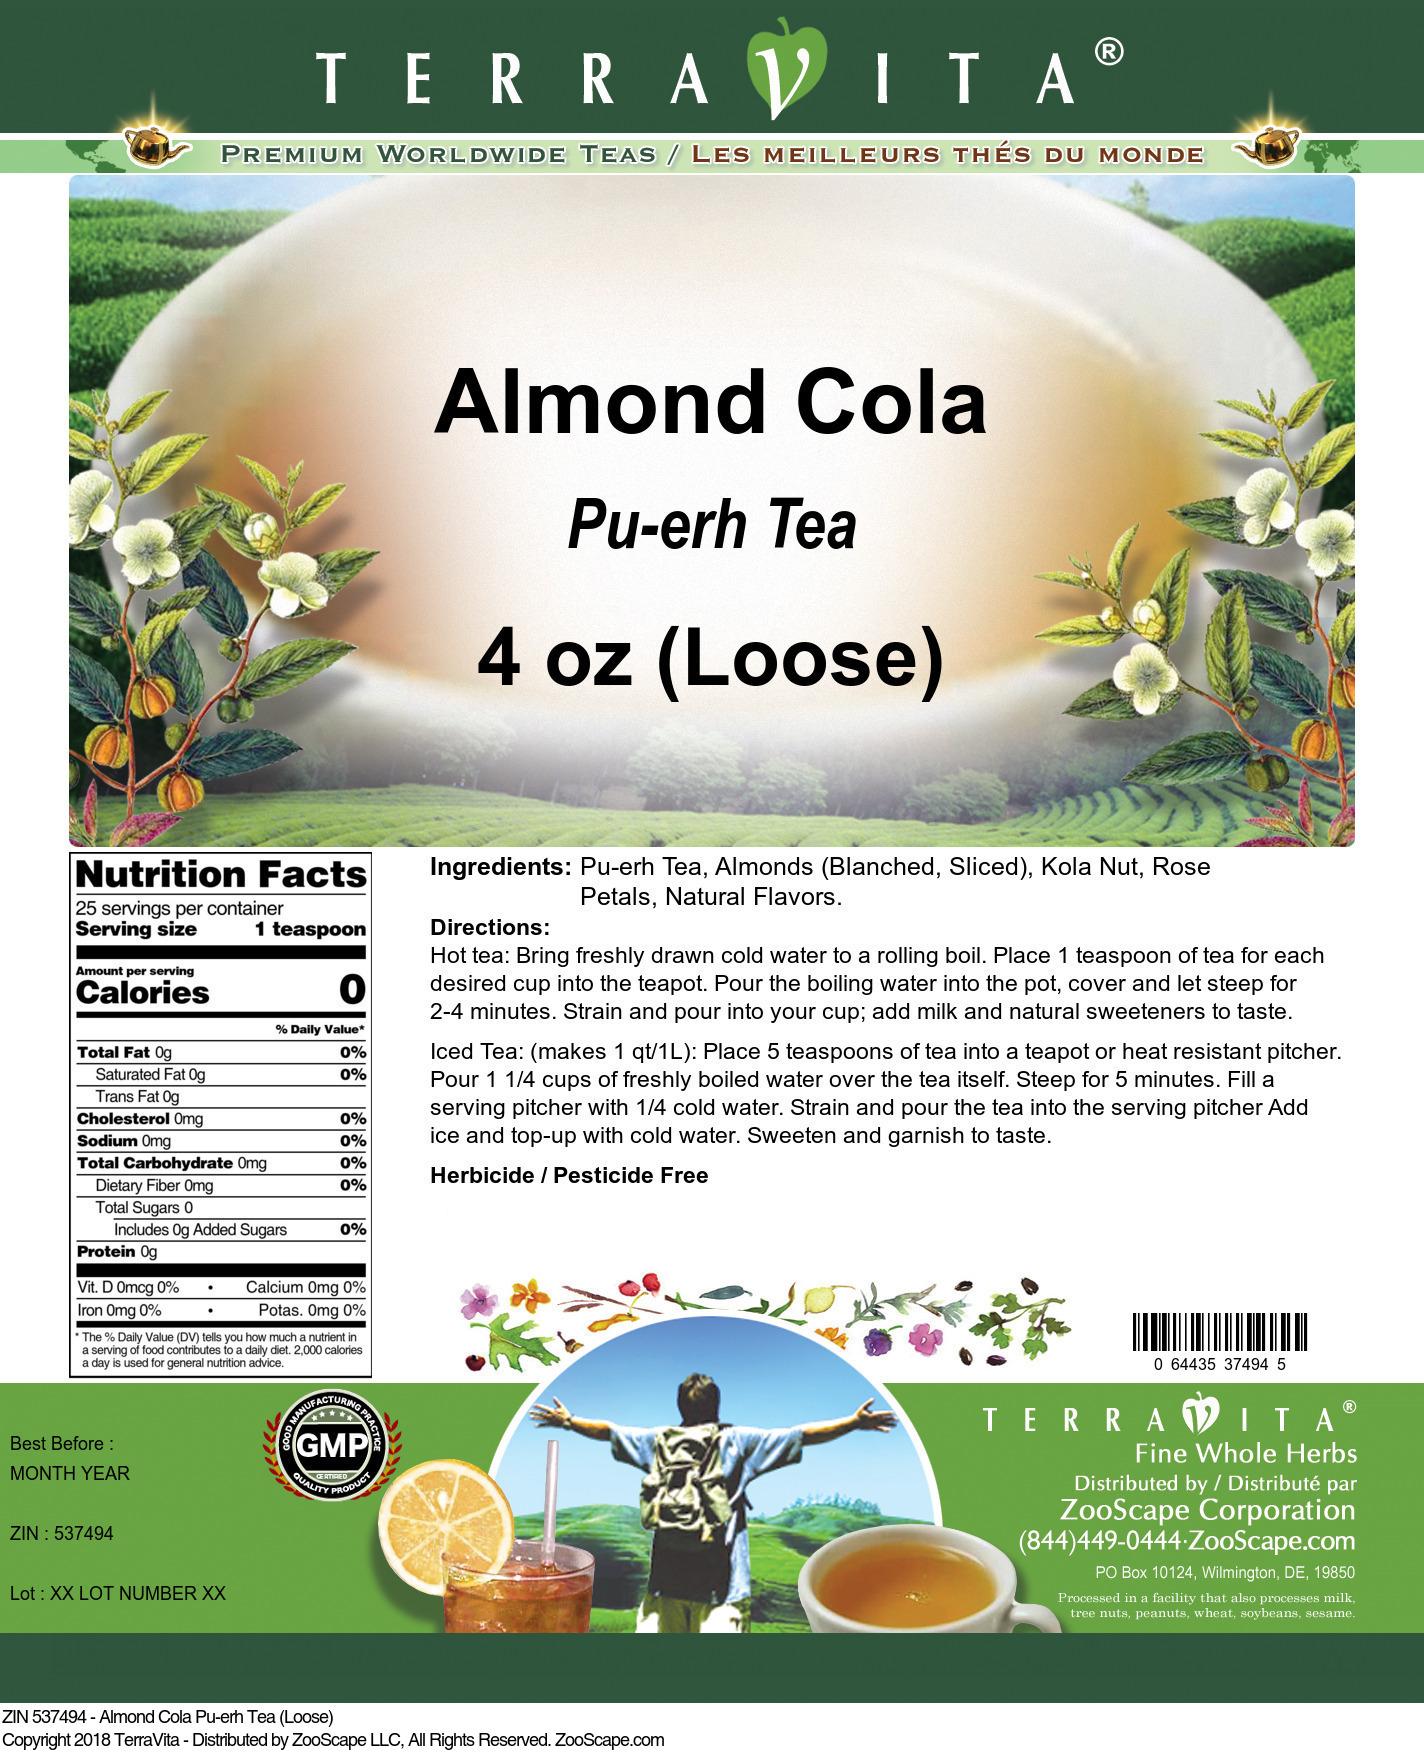 Almond Cola Pu-erh Tea (Loose)